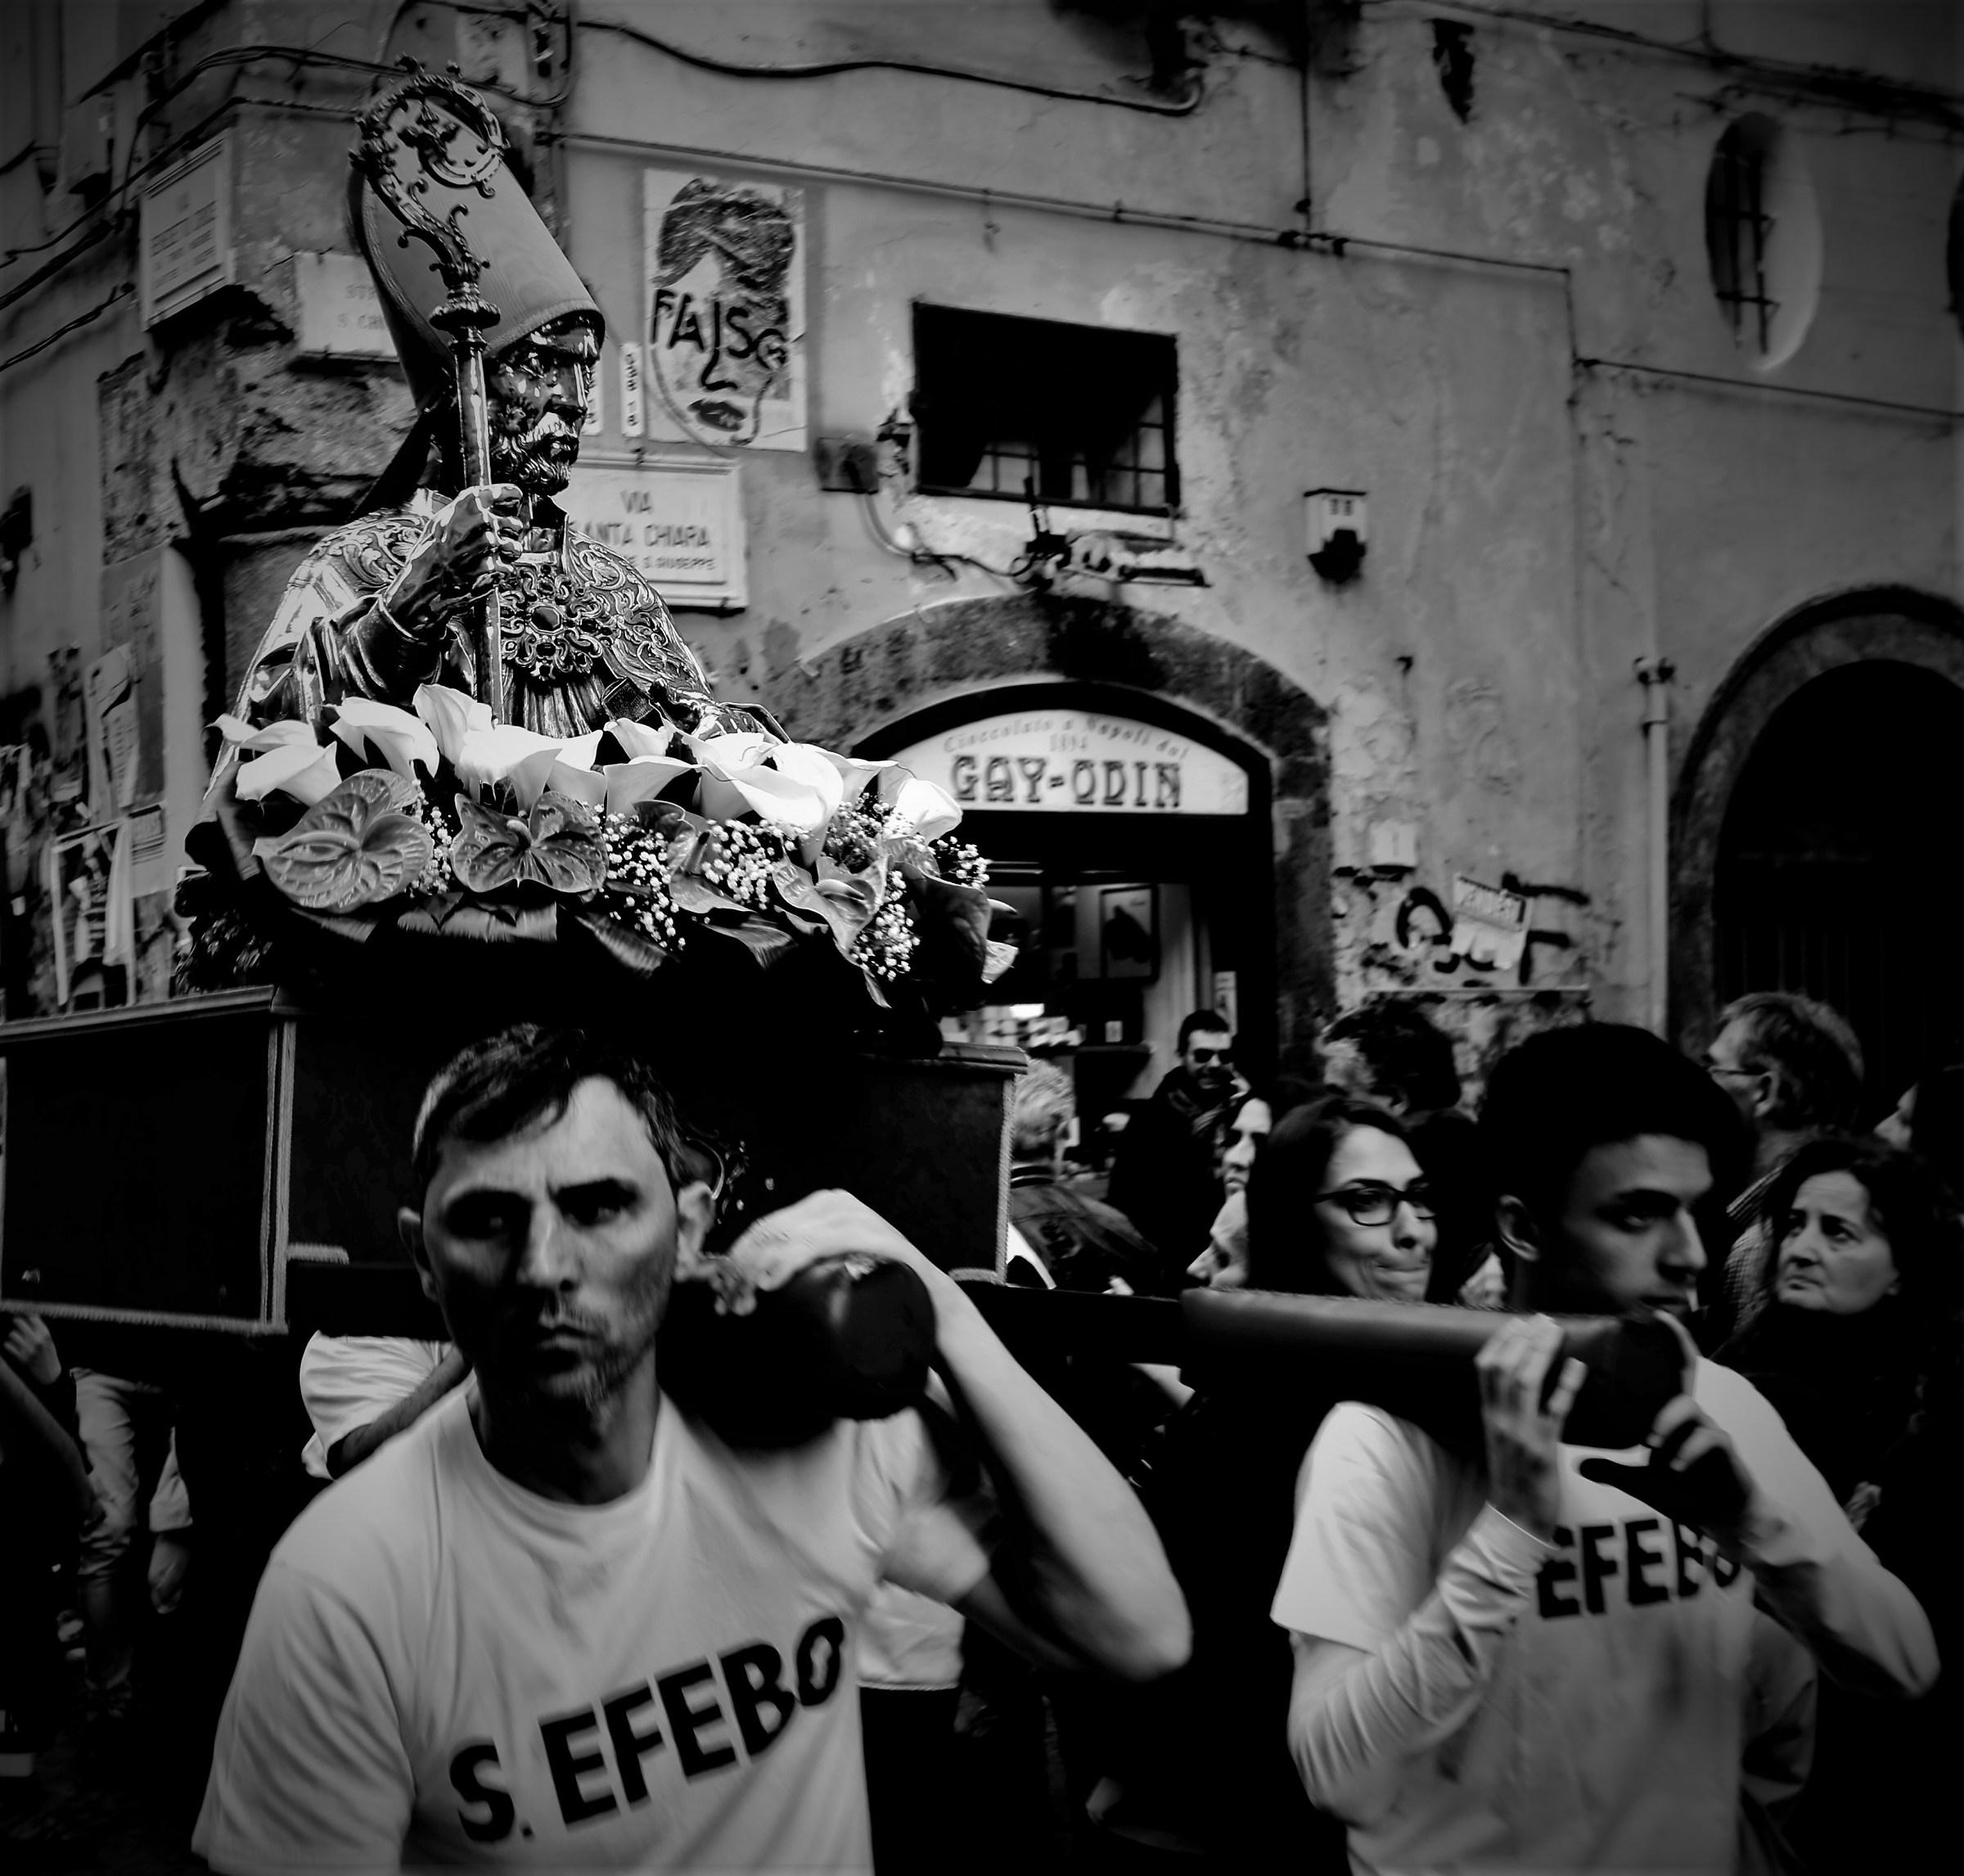 Santi che precedono in corteo S.Gennaro...